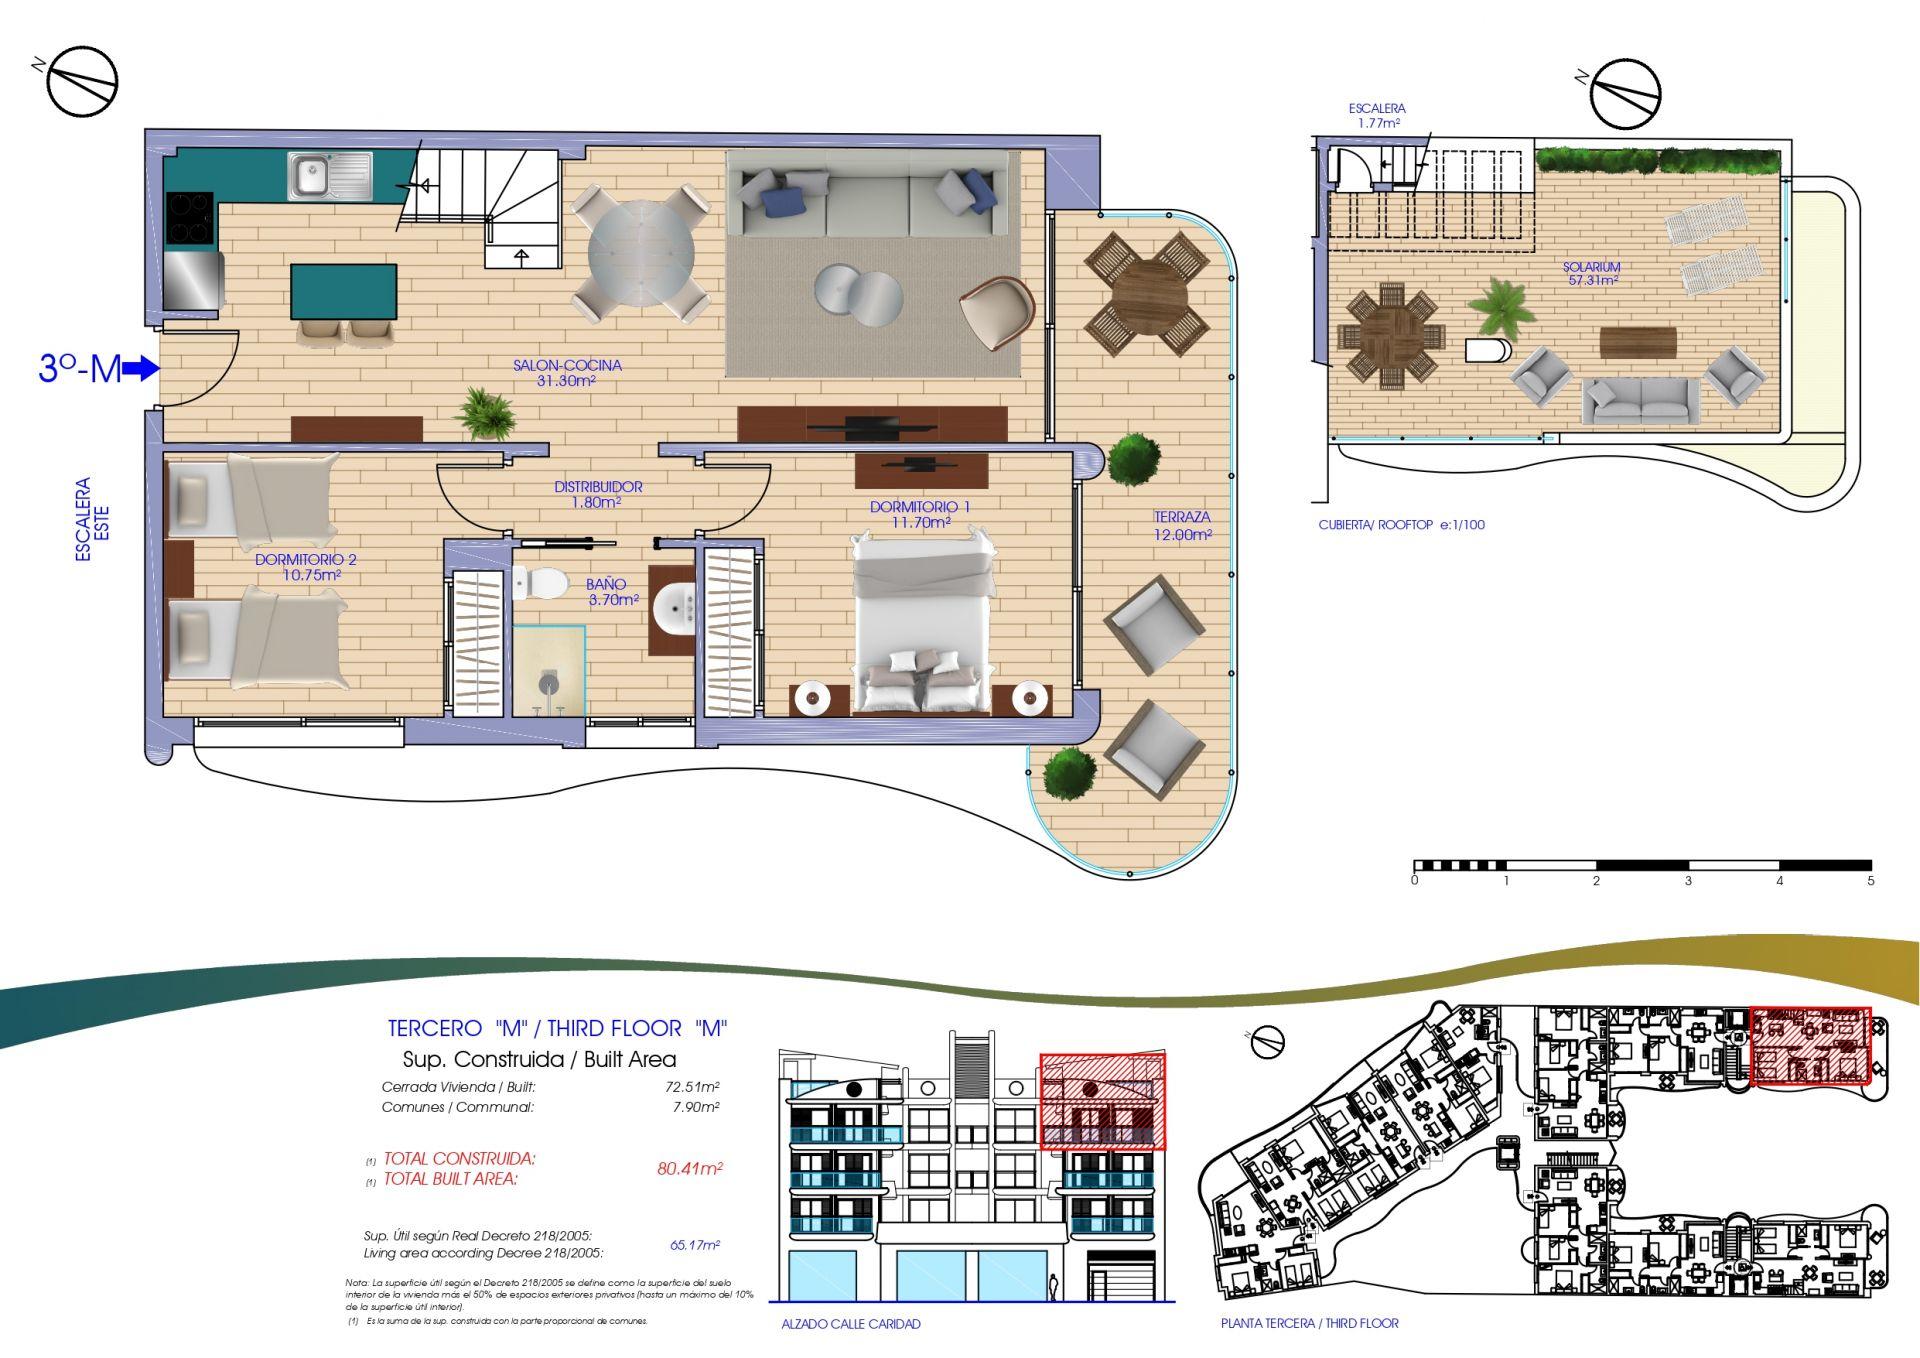 20200527 PLANOS DE VENTAS pages to jpg 0040 - Ventura Estepona | Compra de casa en Estepona